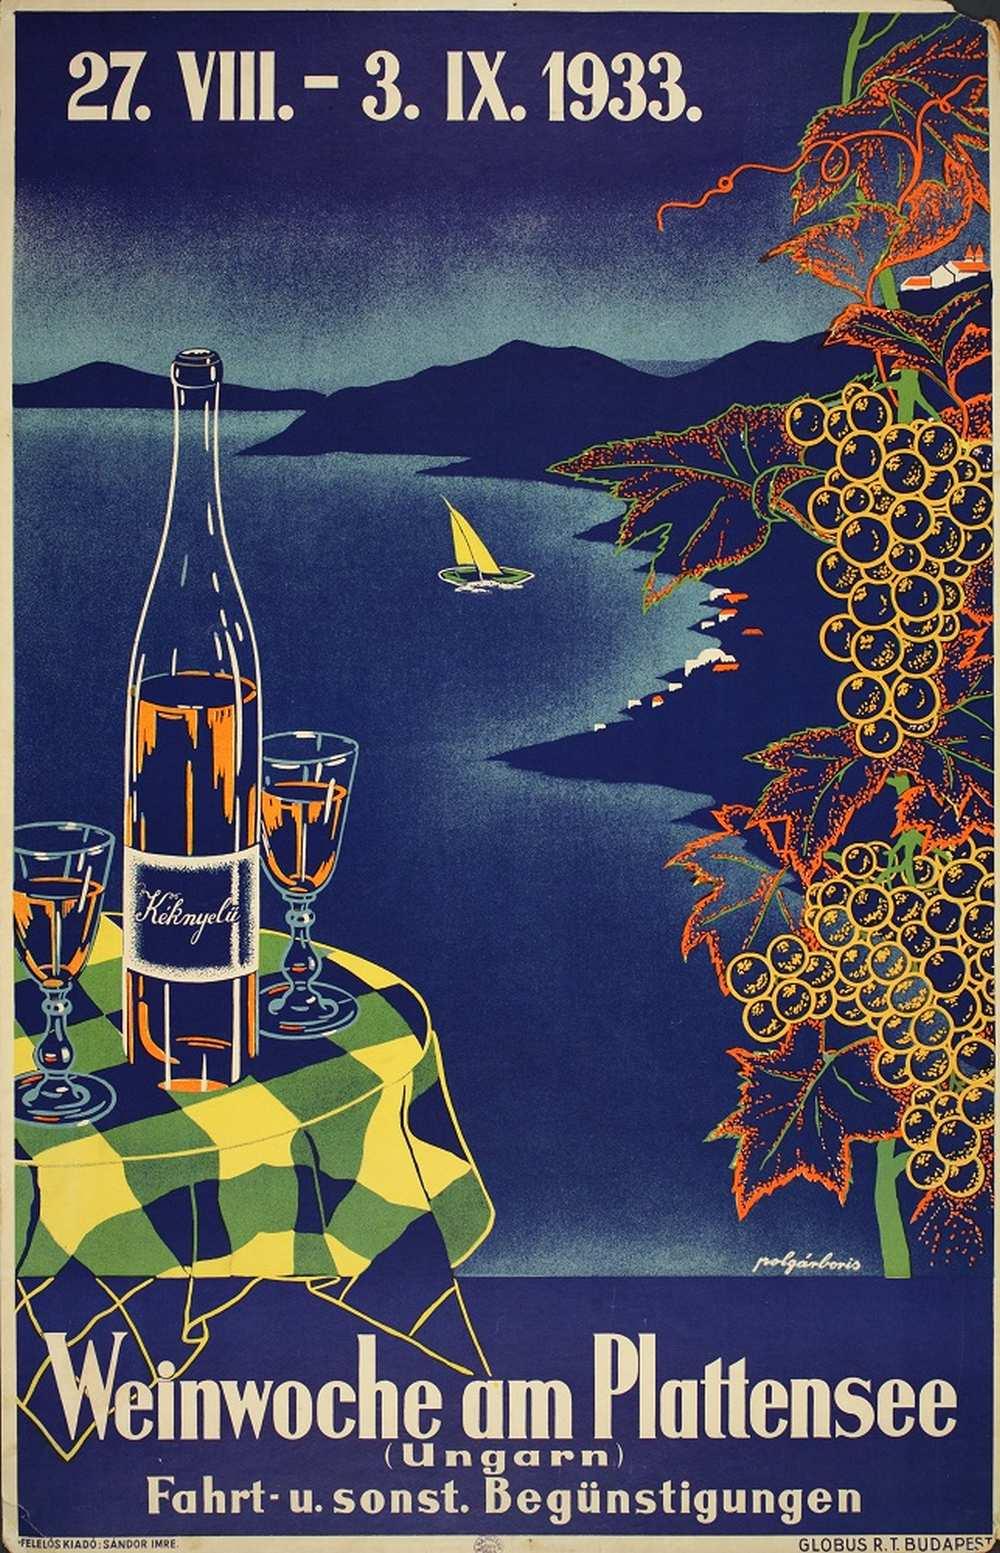 Polgár Boris: Weinwoche am Plattensee (1933). Jelzet: PKG.1933/44 – Térkép-, Plakát- és Kisnyomtatványtár http://nektar.oszk.hu/hu/manifestation/2789835